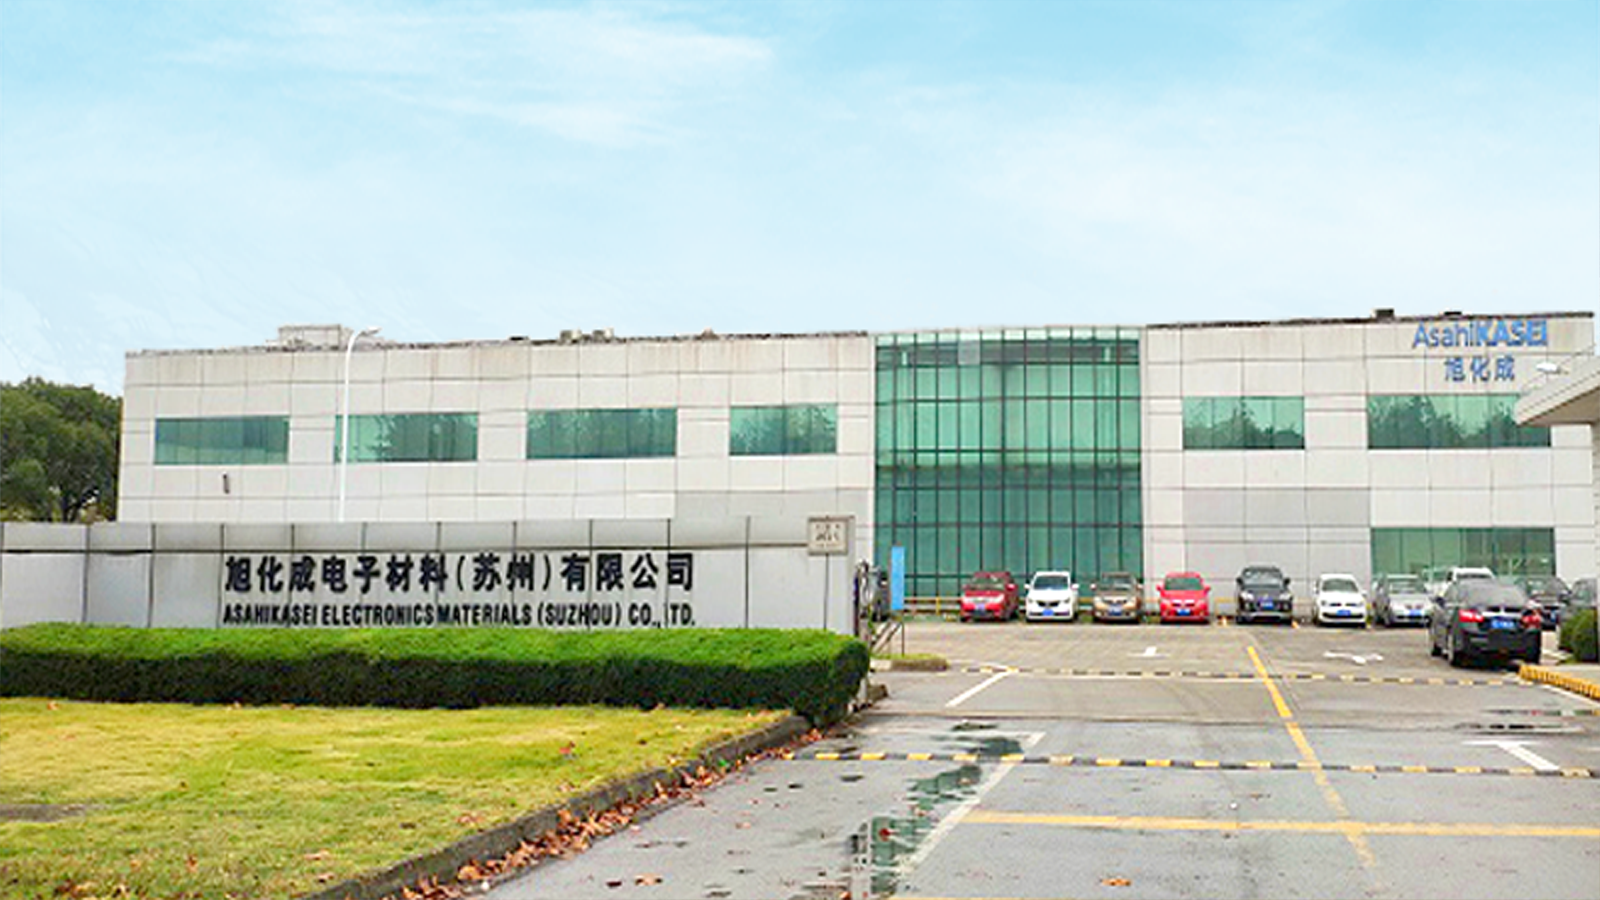 旭化成电子材料有限公司